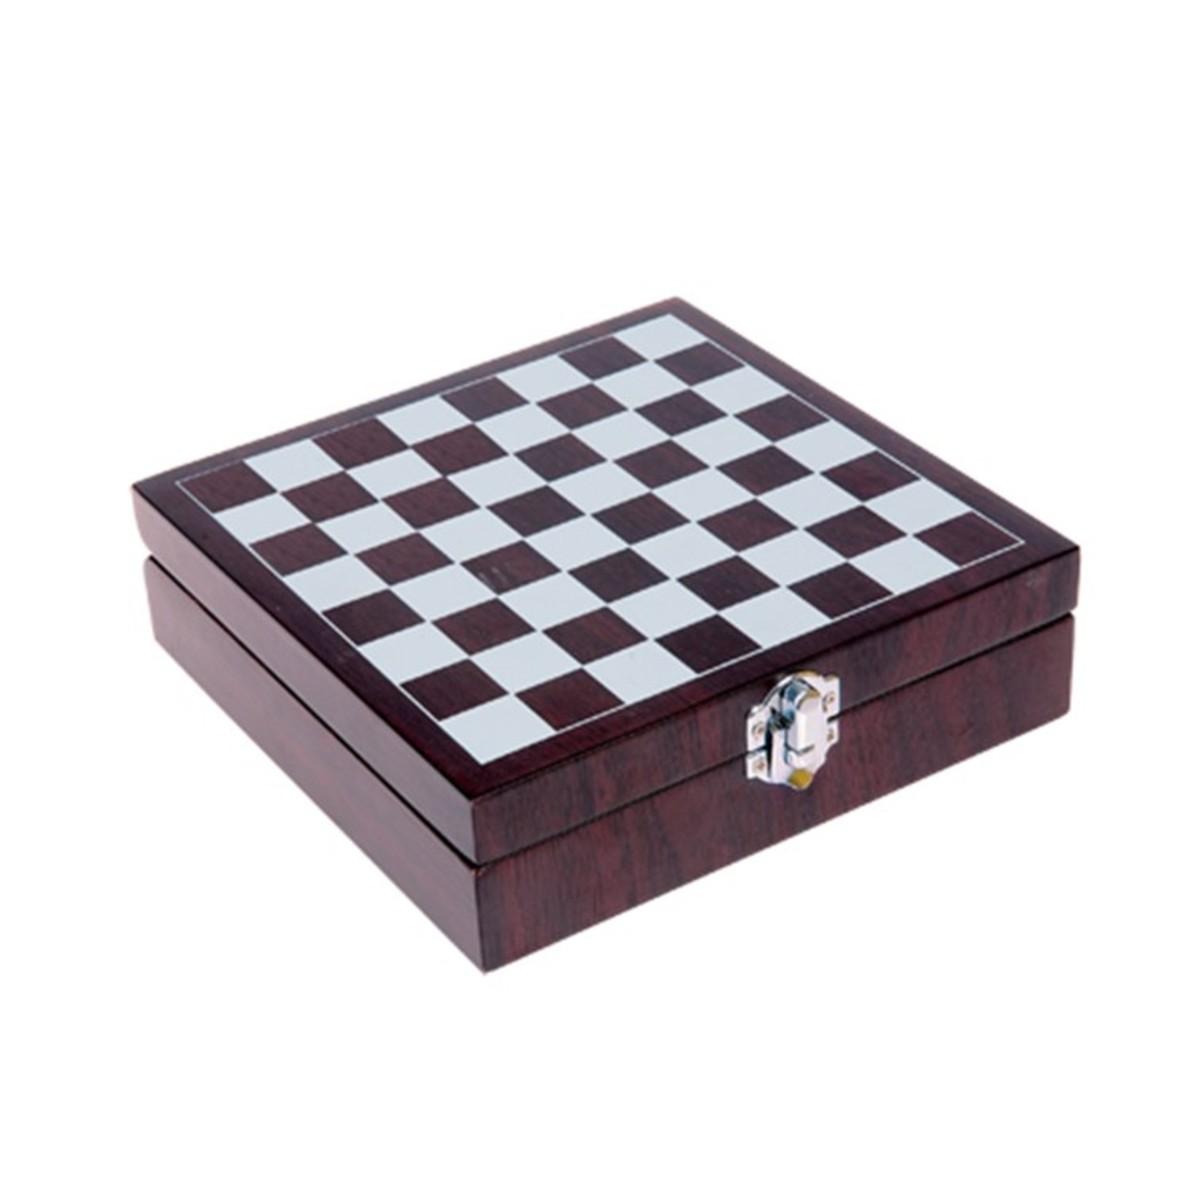 Ajedrez de diseño en caja de madera